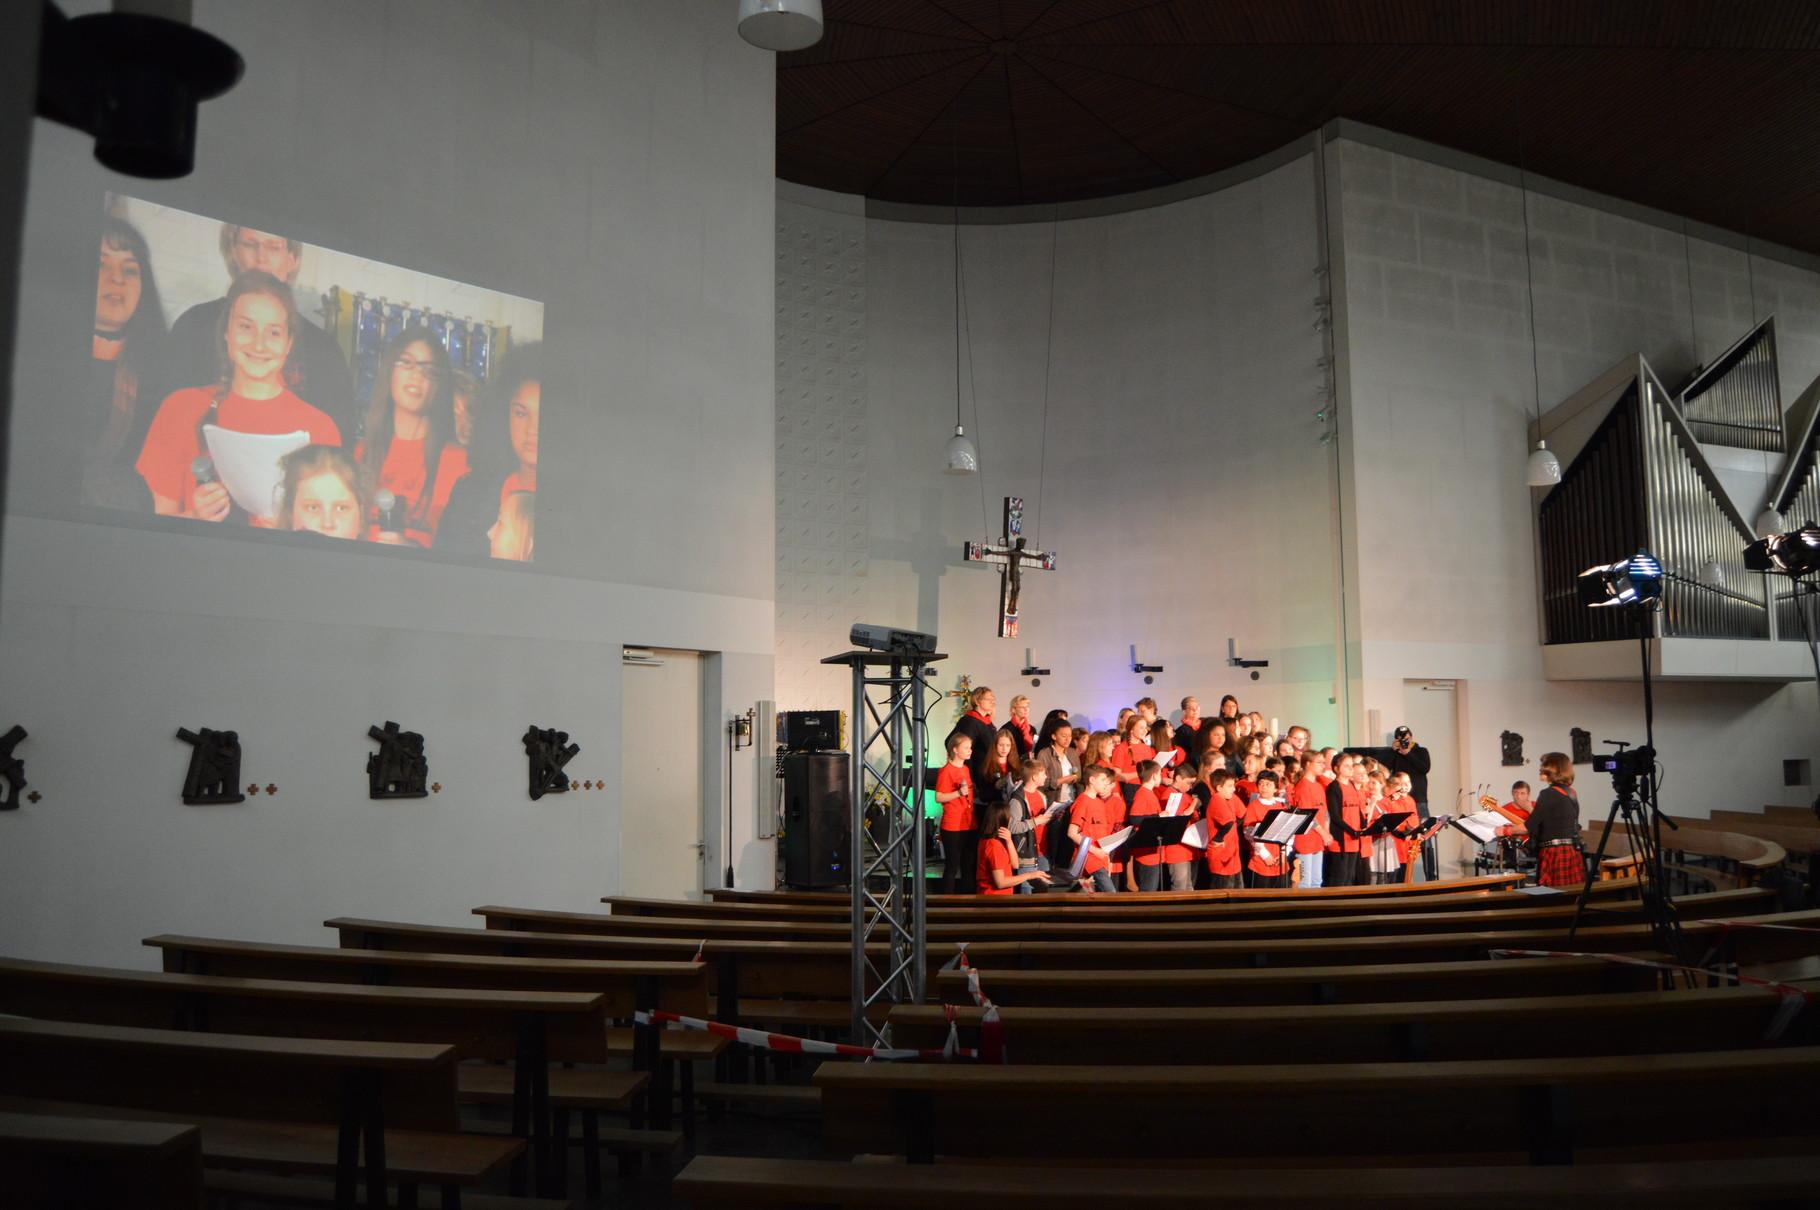 St. Hedwig Hedwigkids Konzert 2016 - Licht- und Medientechnik